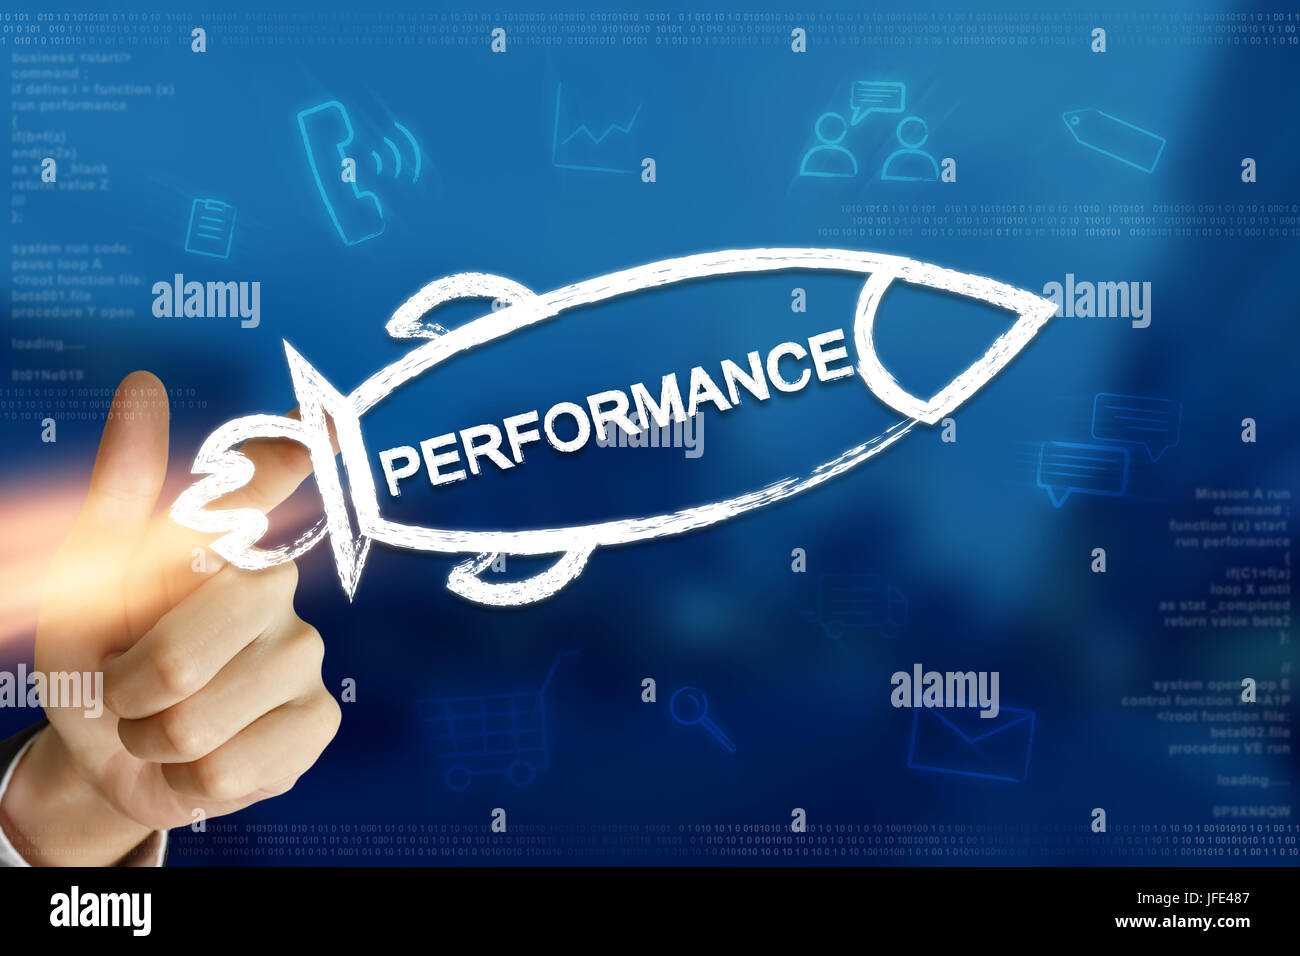 La main d'affaires performances fusée avec arrière-plan flou Photo Stock